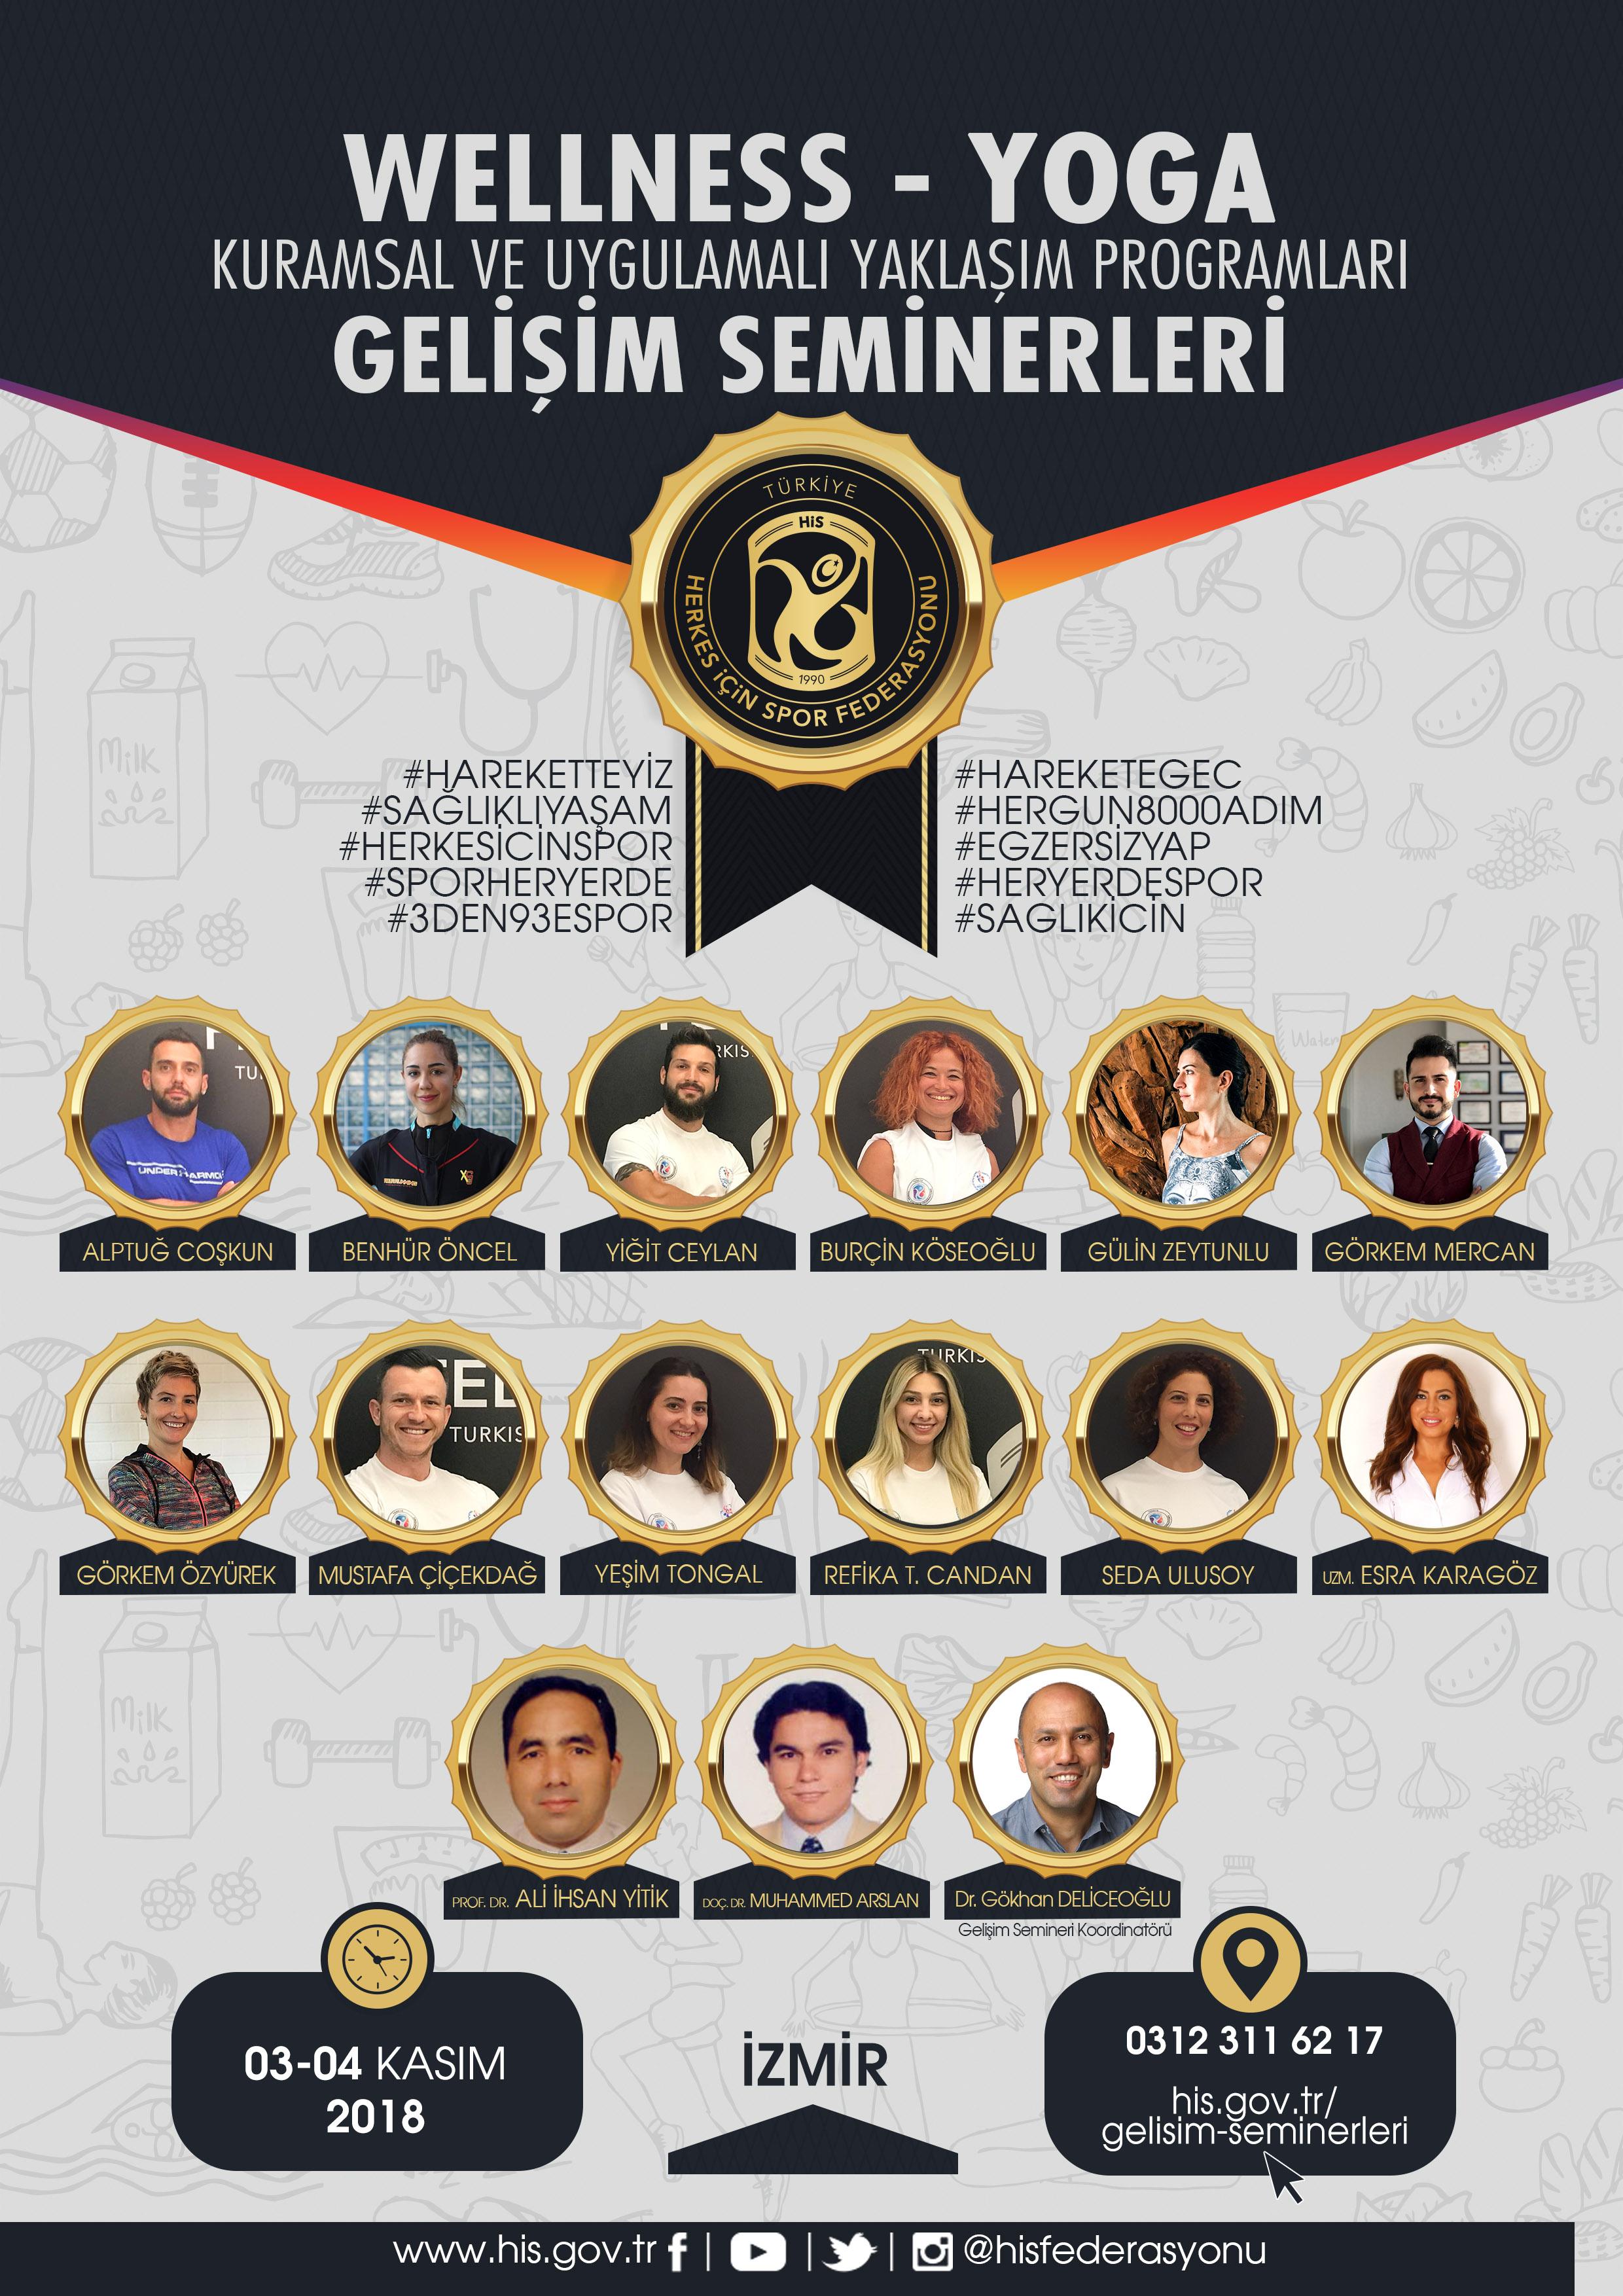 GELISIM-SEMİNER-AFIS-İZMİR